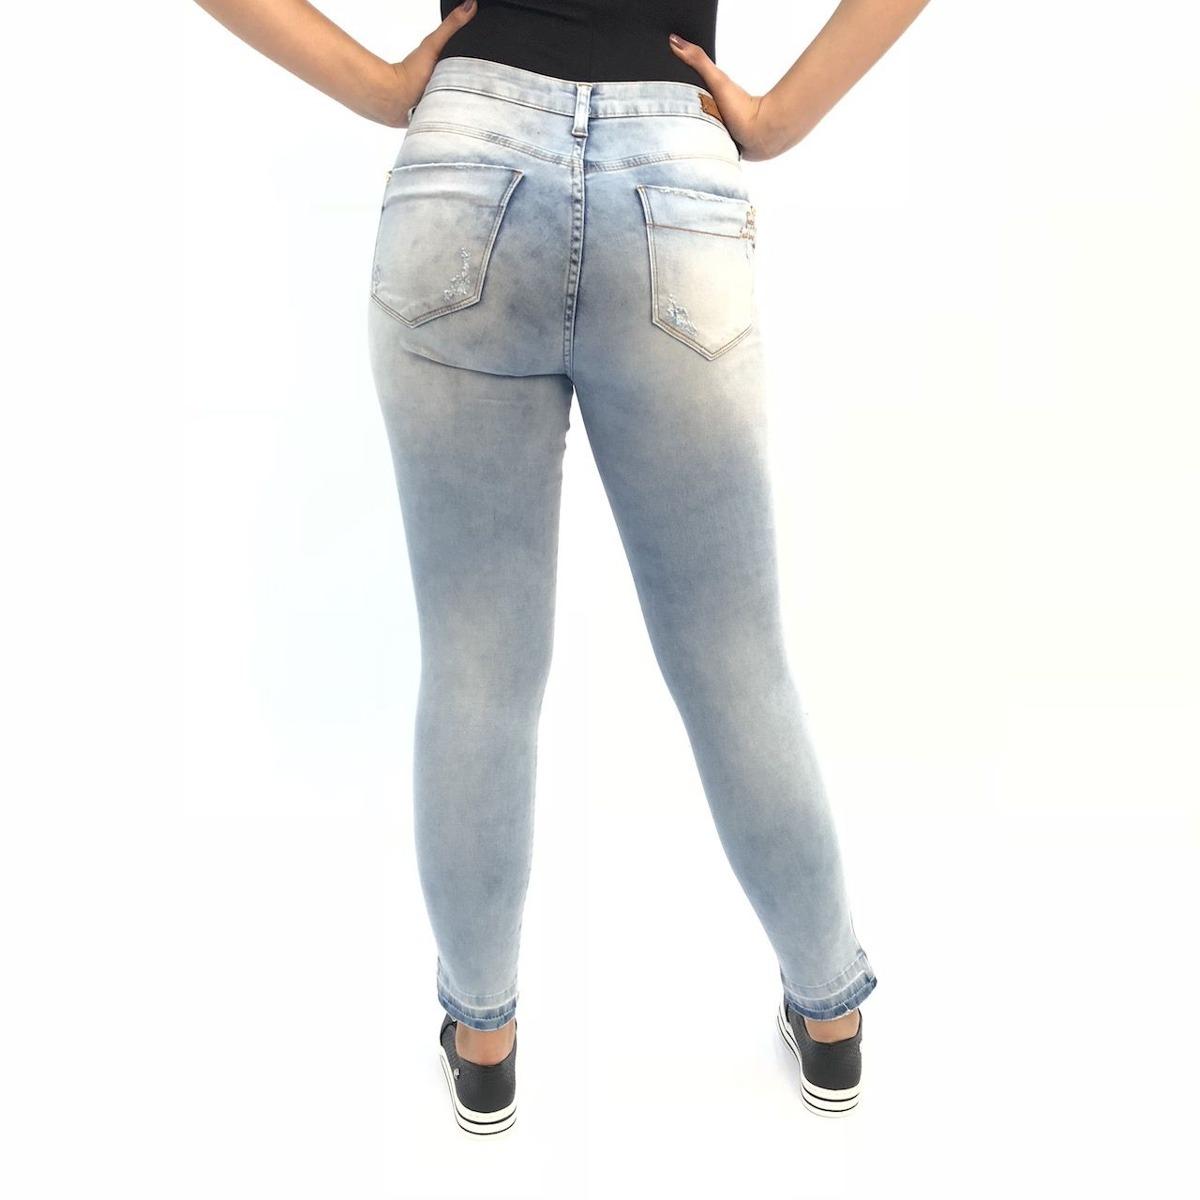 4c12406cb144b calça jeans ana hickmann ref ana21394. Carregando zoom.